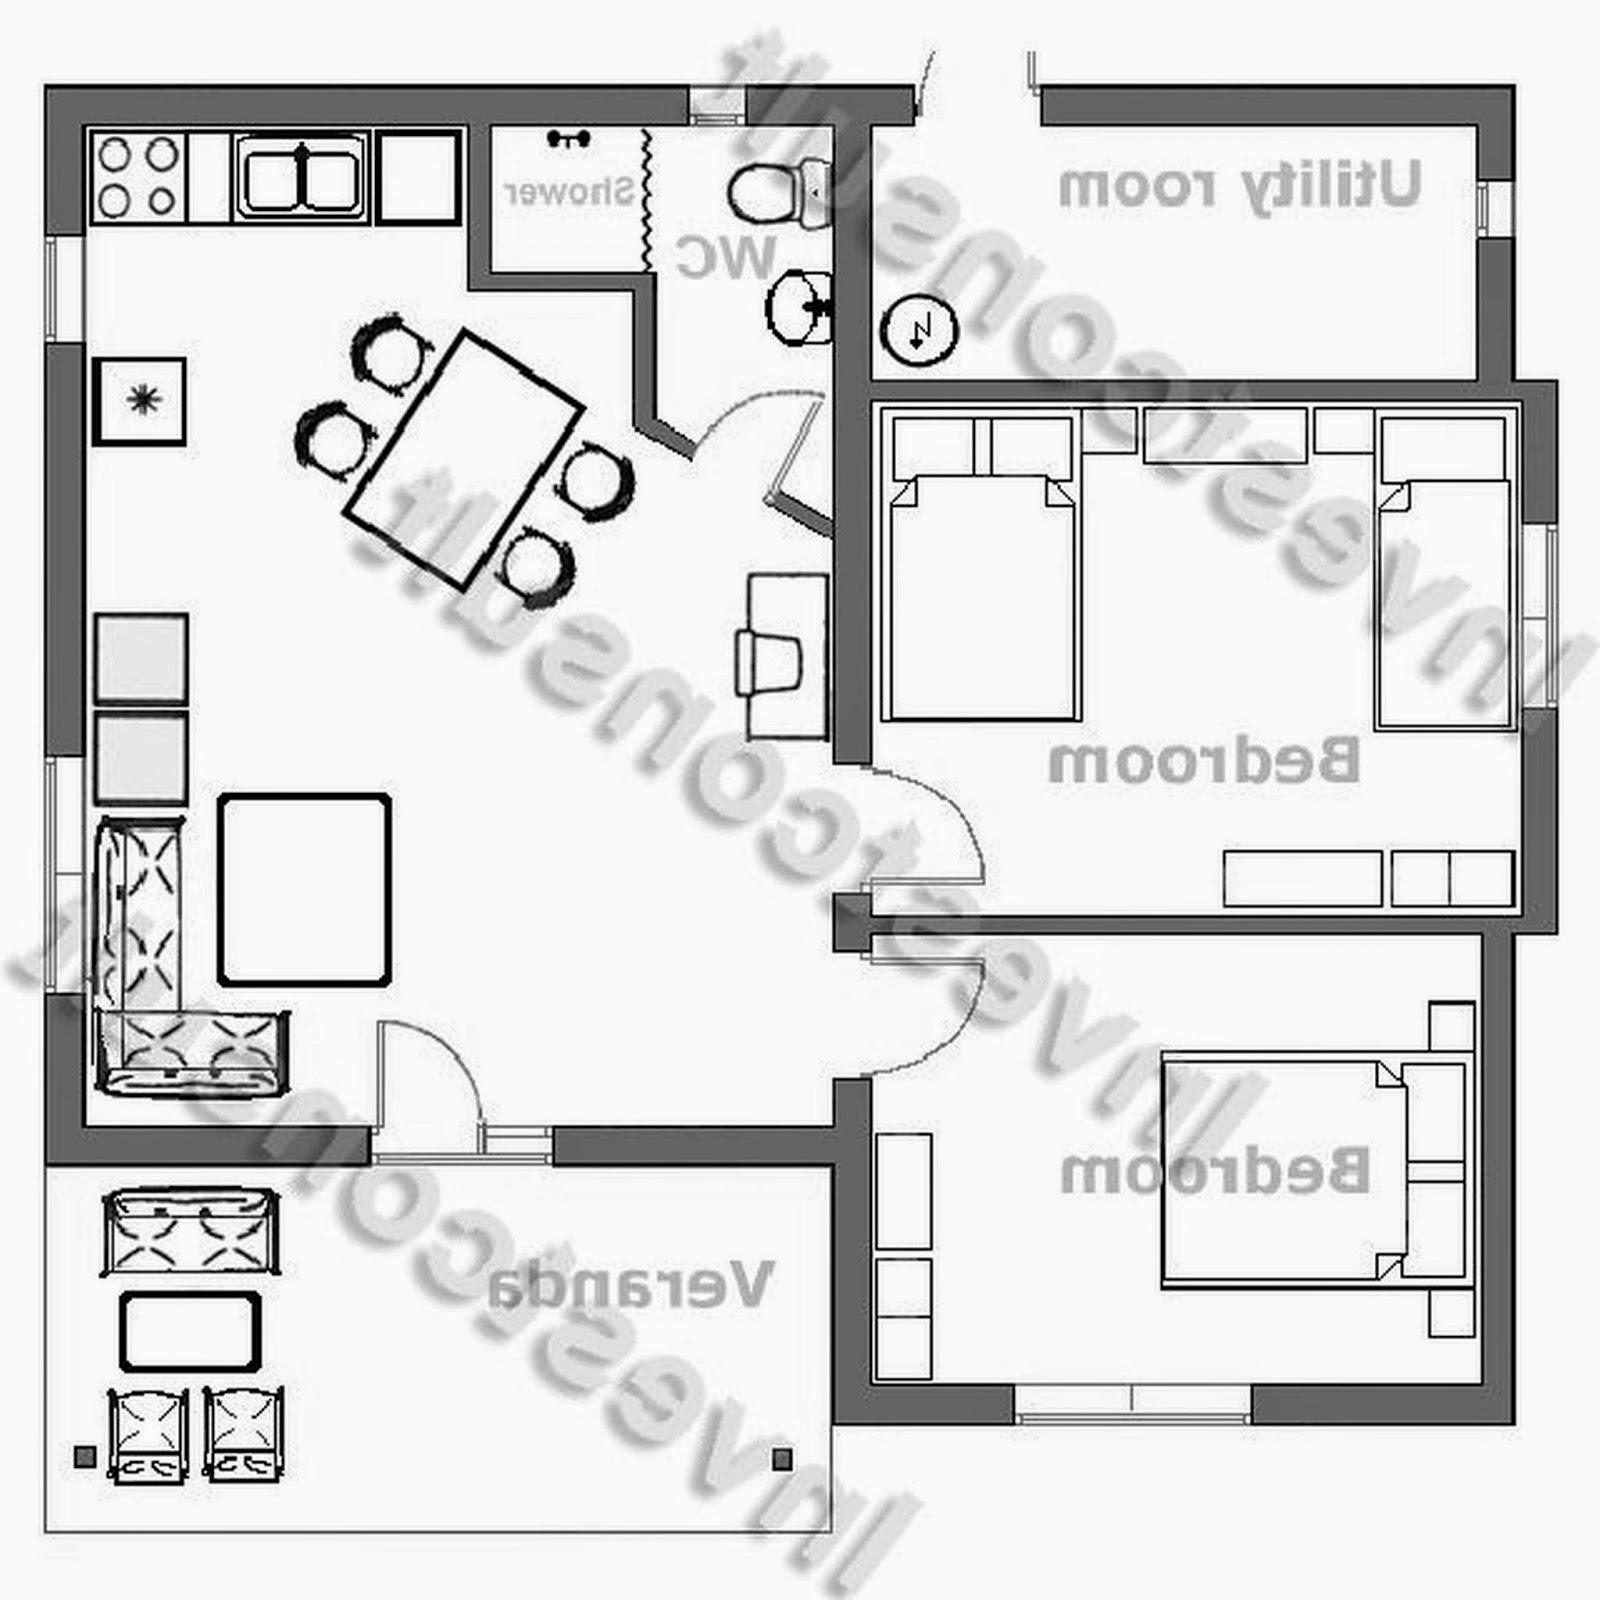 Interior Home Design Ideas: Home Design Plans For A Small Home